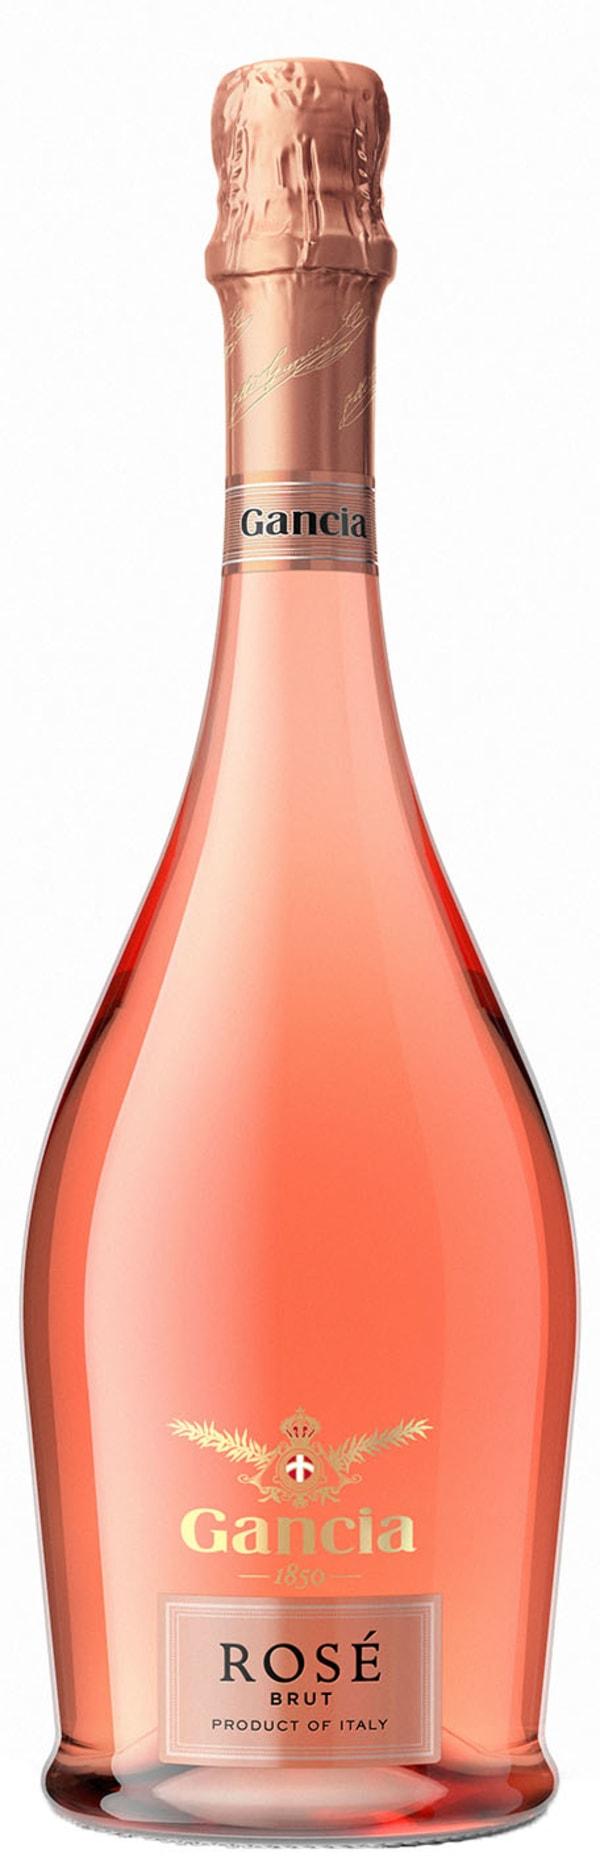 Gancia Rosé Brut